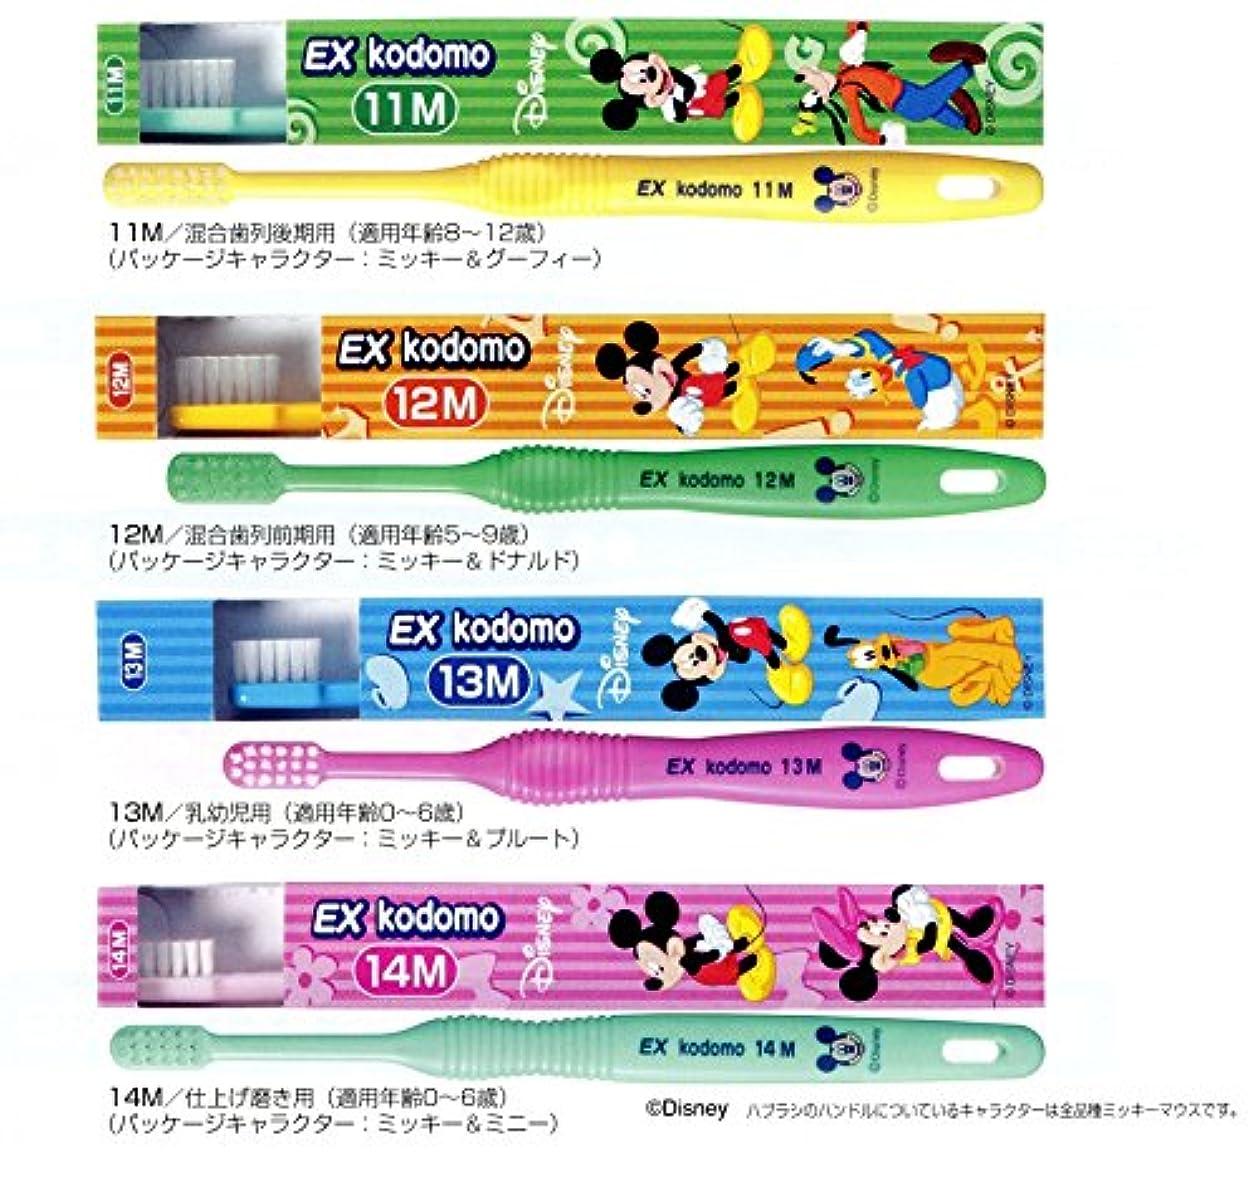 マントジャンク破裂ライオン コドモ ディズニー DENT.EX kodomo Disney 1本 14M グリーン (仕上げ磨き用?0?6歳)